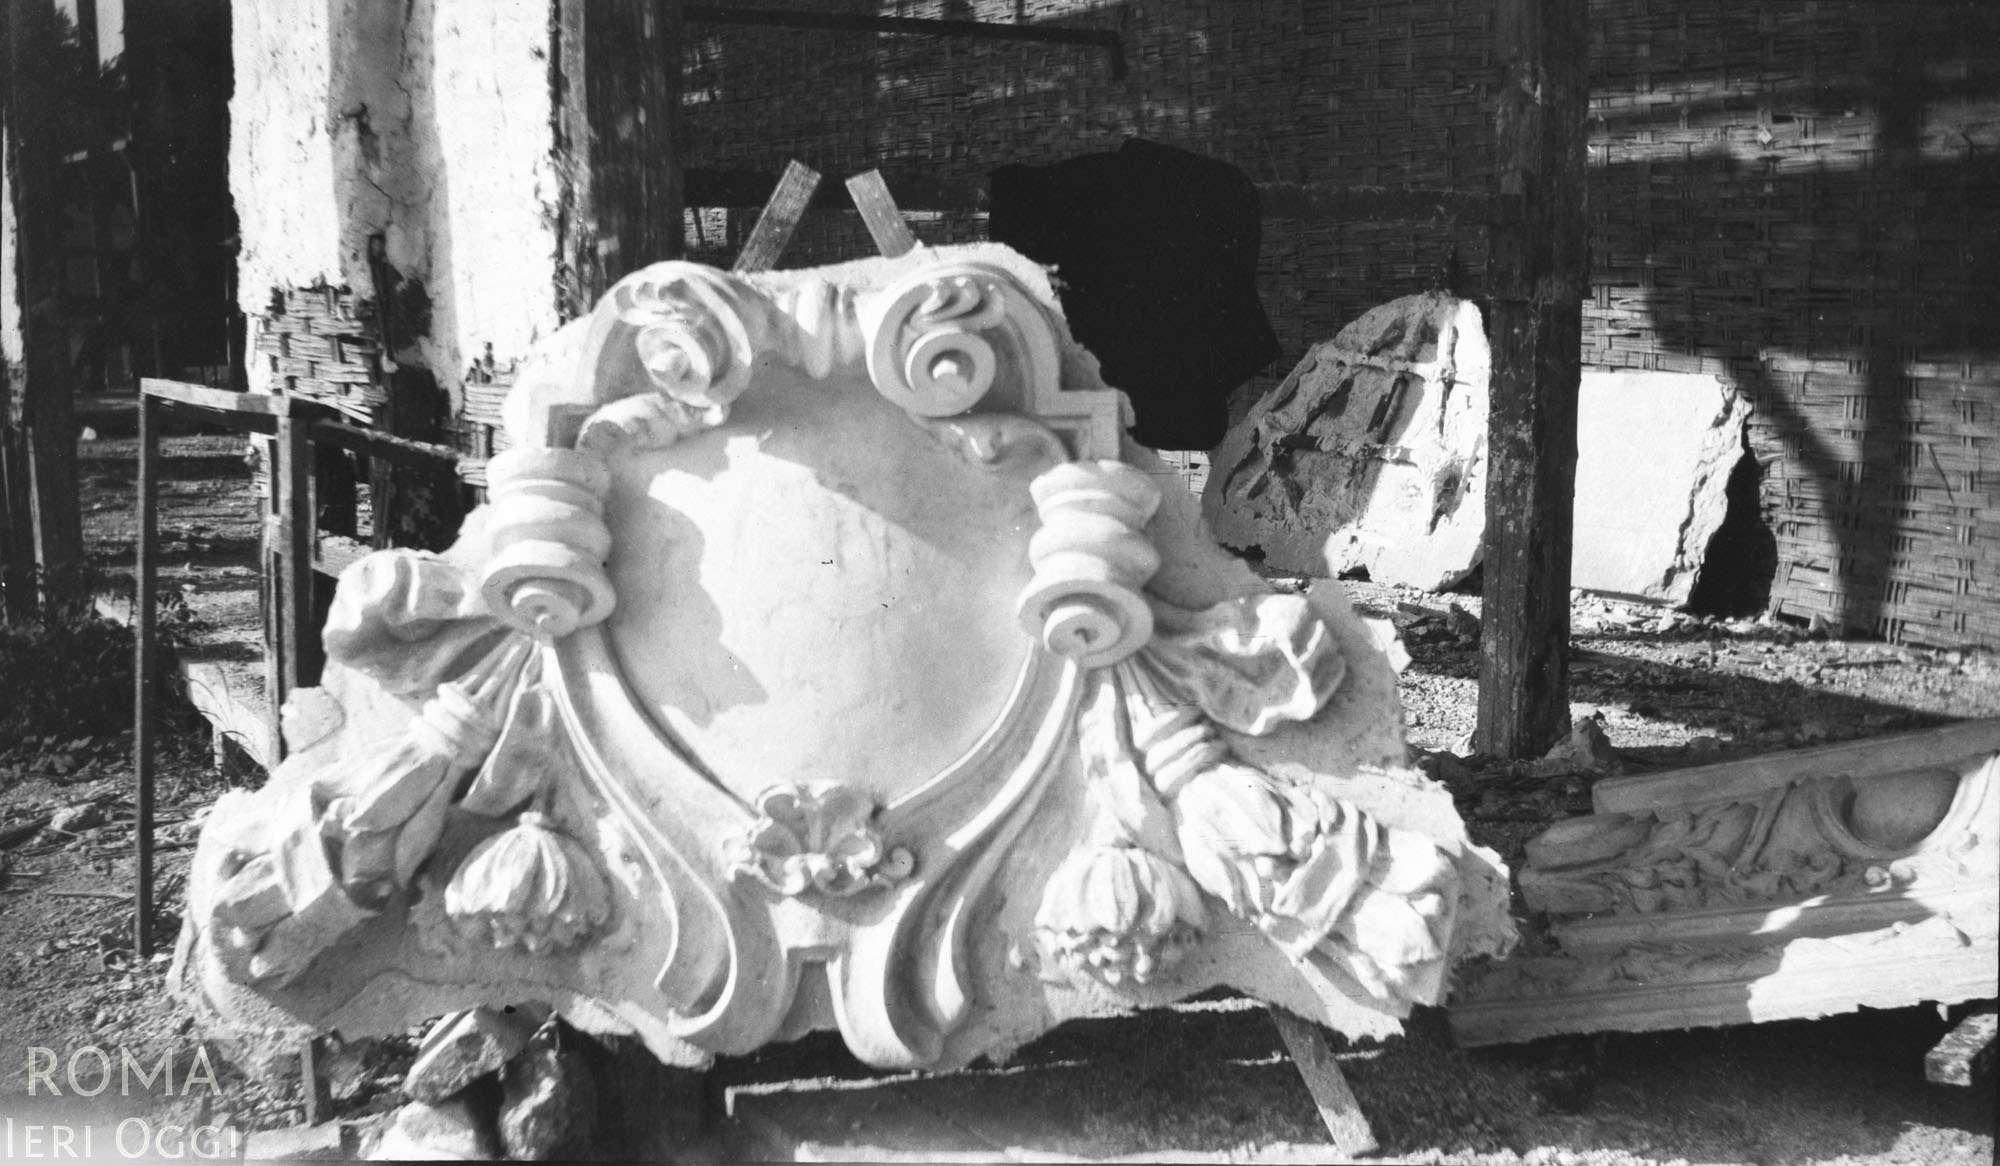 3 - Fregio in gesso da montare per i padiglioni dell'esposizione del 1911